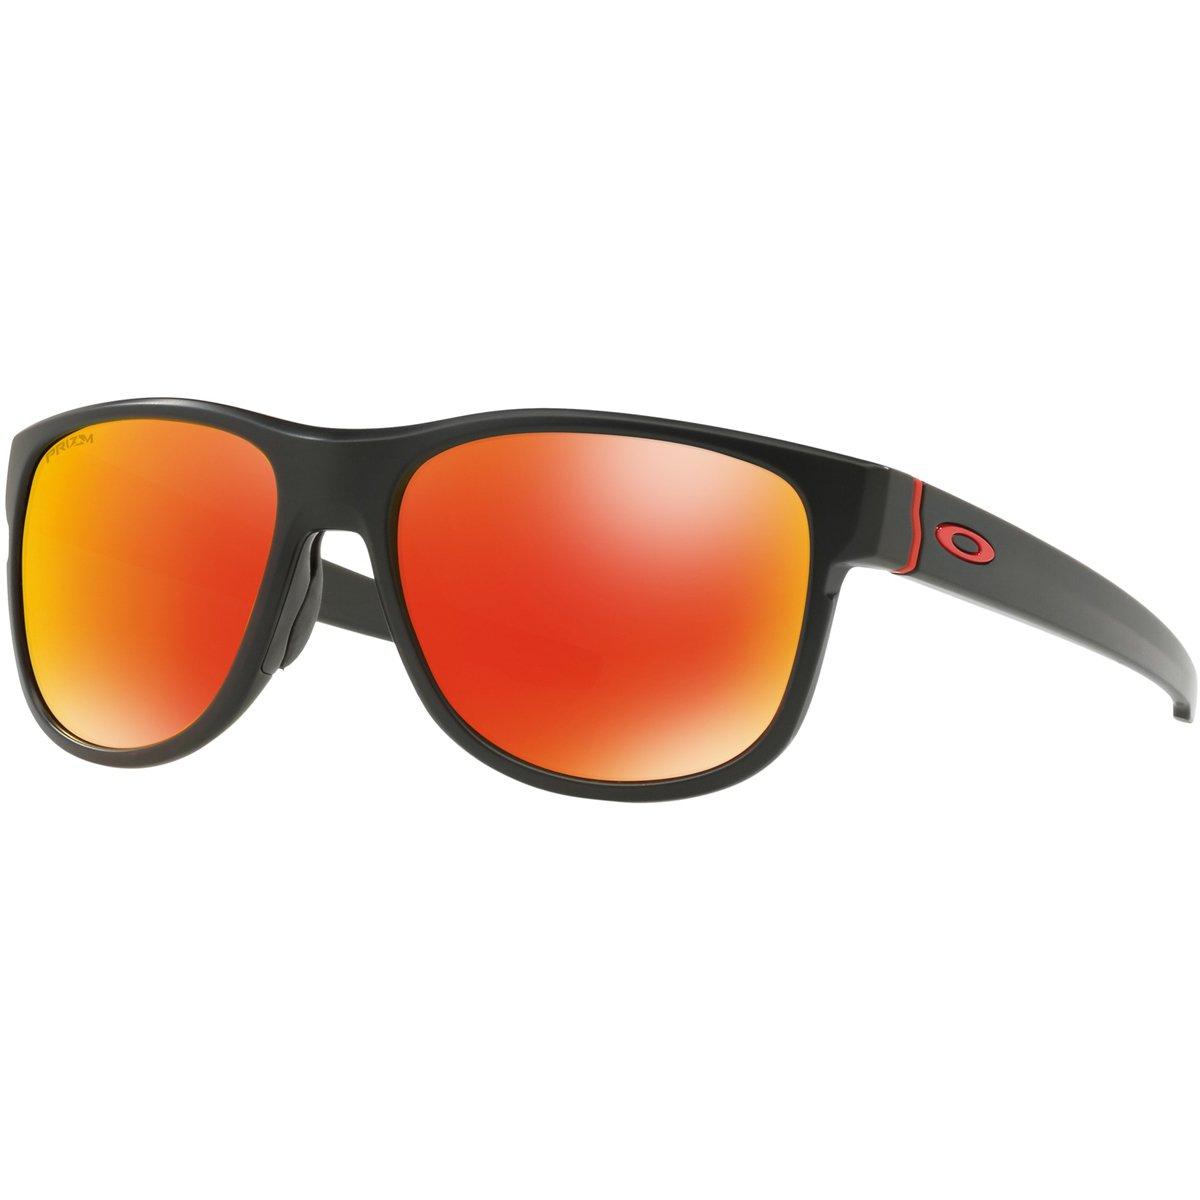 Oakley Crossrange R 935904 Gafas de sol, Matte Black, 57 Hombre